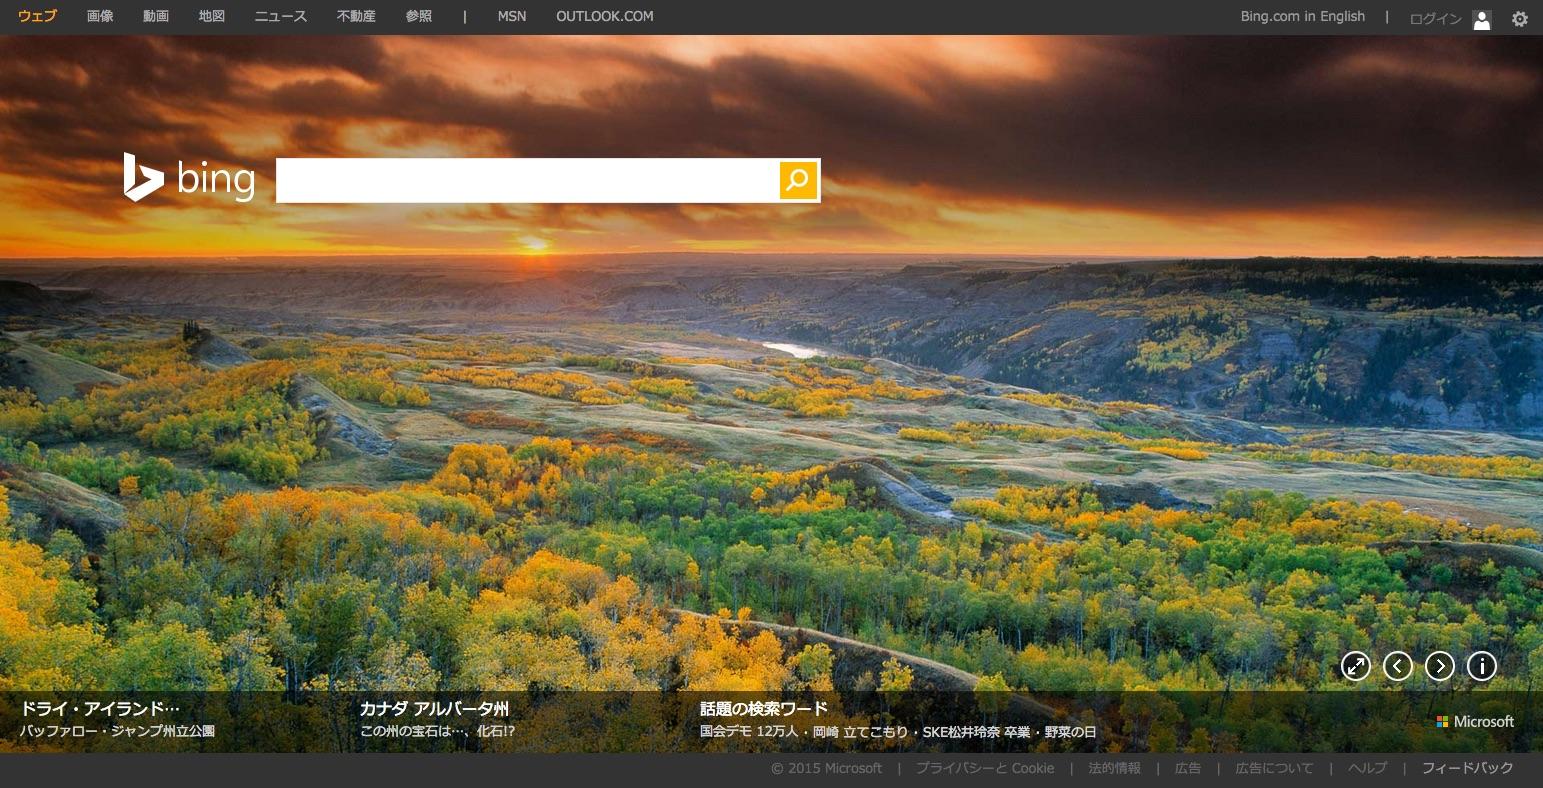 クロアチア・ザダルの「グリーティング・トゥー・ザ・サン」など、Bing(2015/8/24~2015/9/6)背景画像まとめ